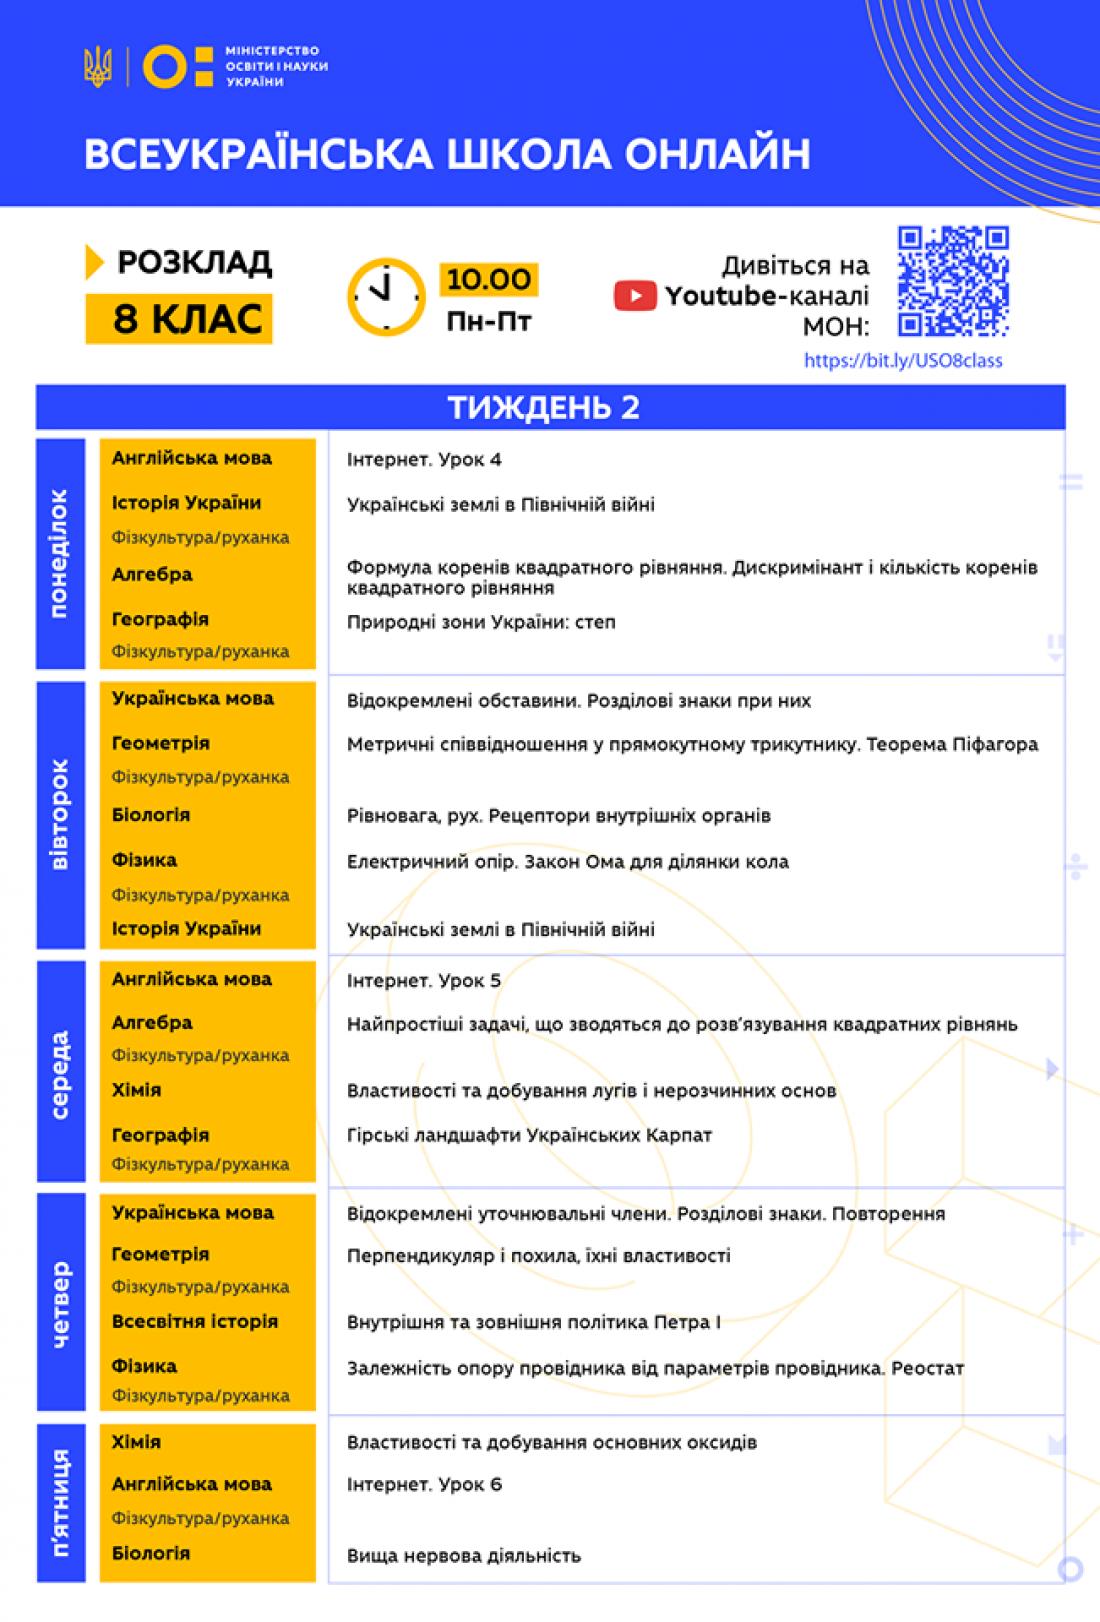 Всеукраинская школа онлайн: Расписание для 8 класса